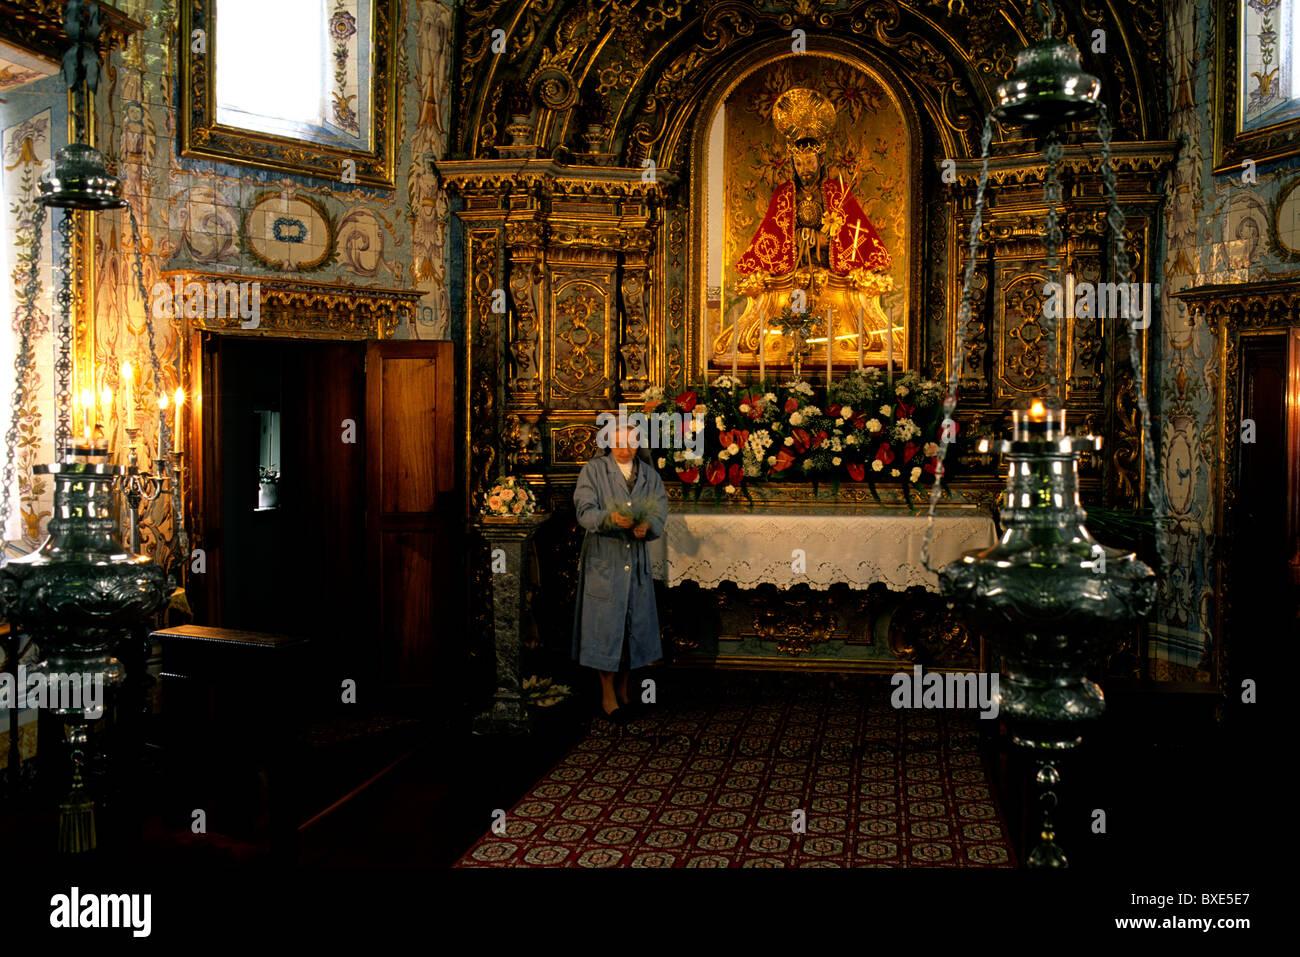 The gilded interior of the Chapel of Nossa Senhora da Esperança in Ponta Delgada on São Miguel island - Stock Image